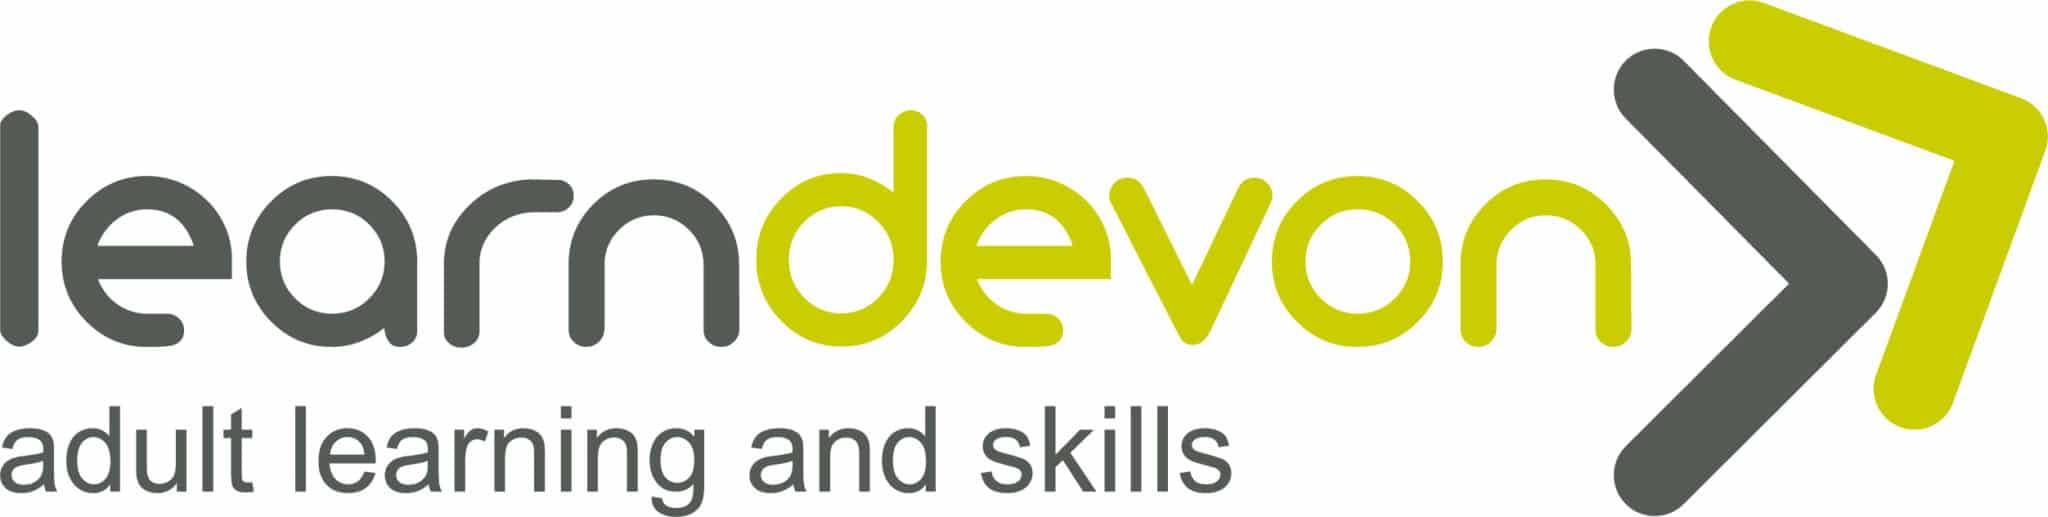 Learn Devon logo